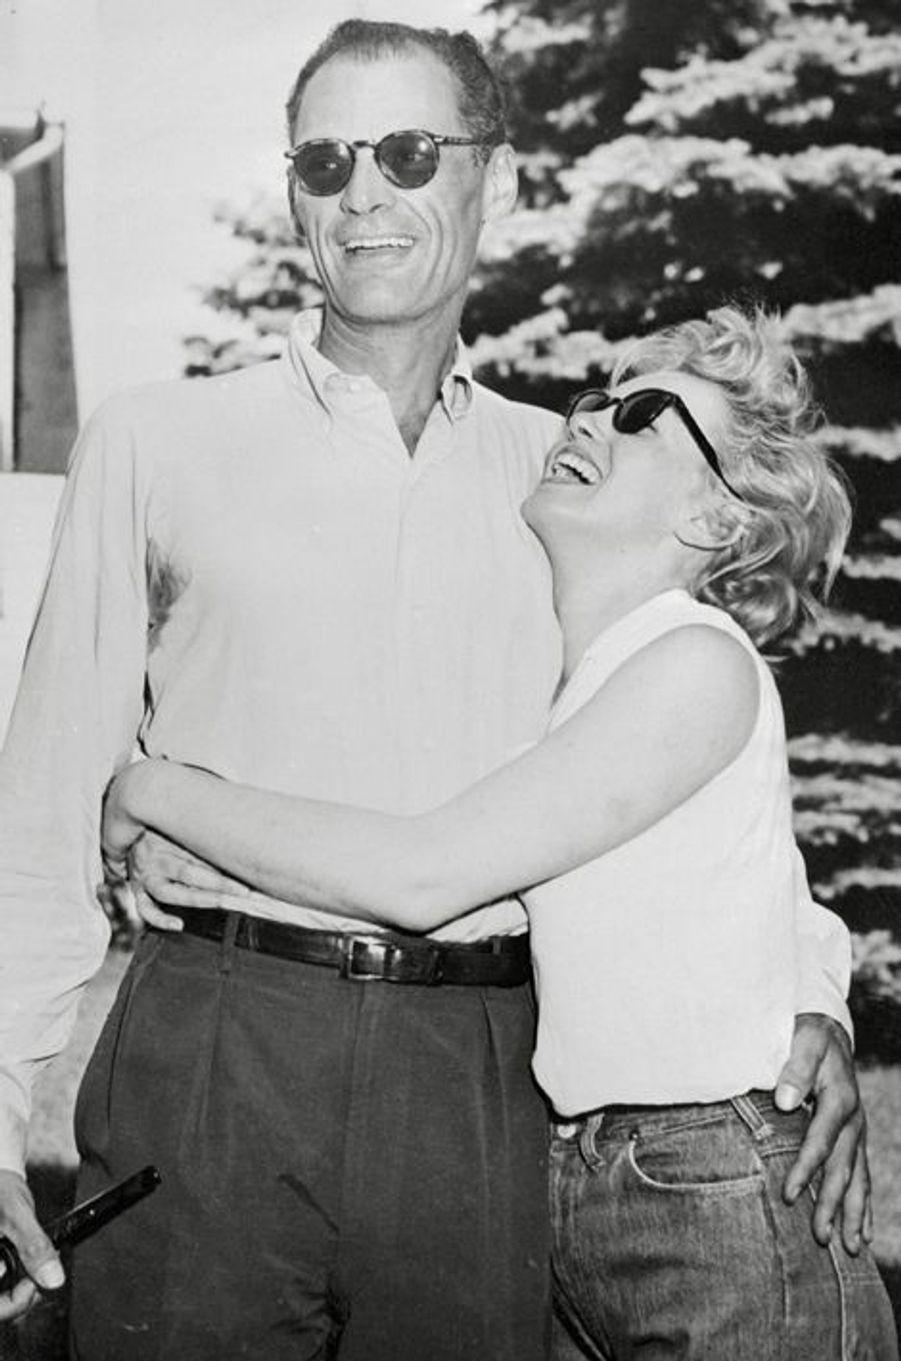 Après un court mariage avec le joueur de baseball Joe Di Maggio, la superstar et sex symbol Marilyn Monroe tombe amoureuse du dramaturge Arthur Miller. Le couple s'unit en juin 1956 pour finalement se séparer cinq ans plus tard.